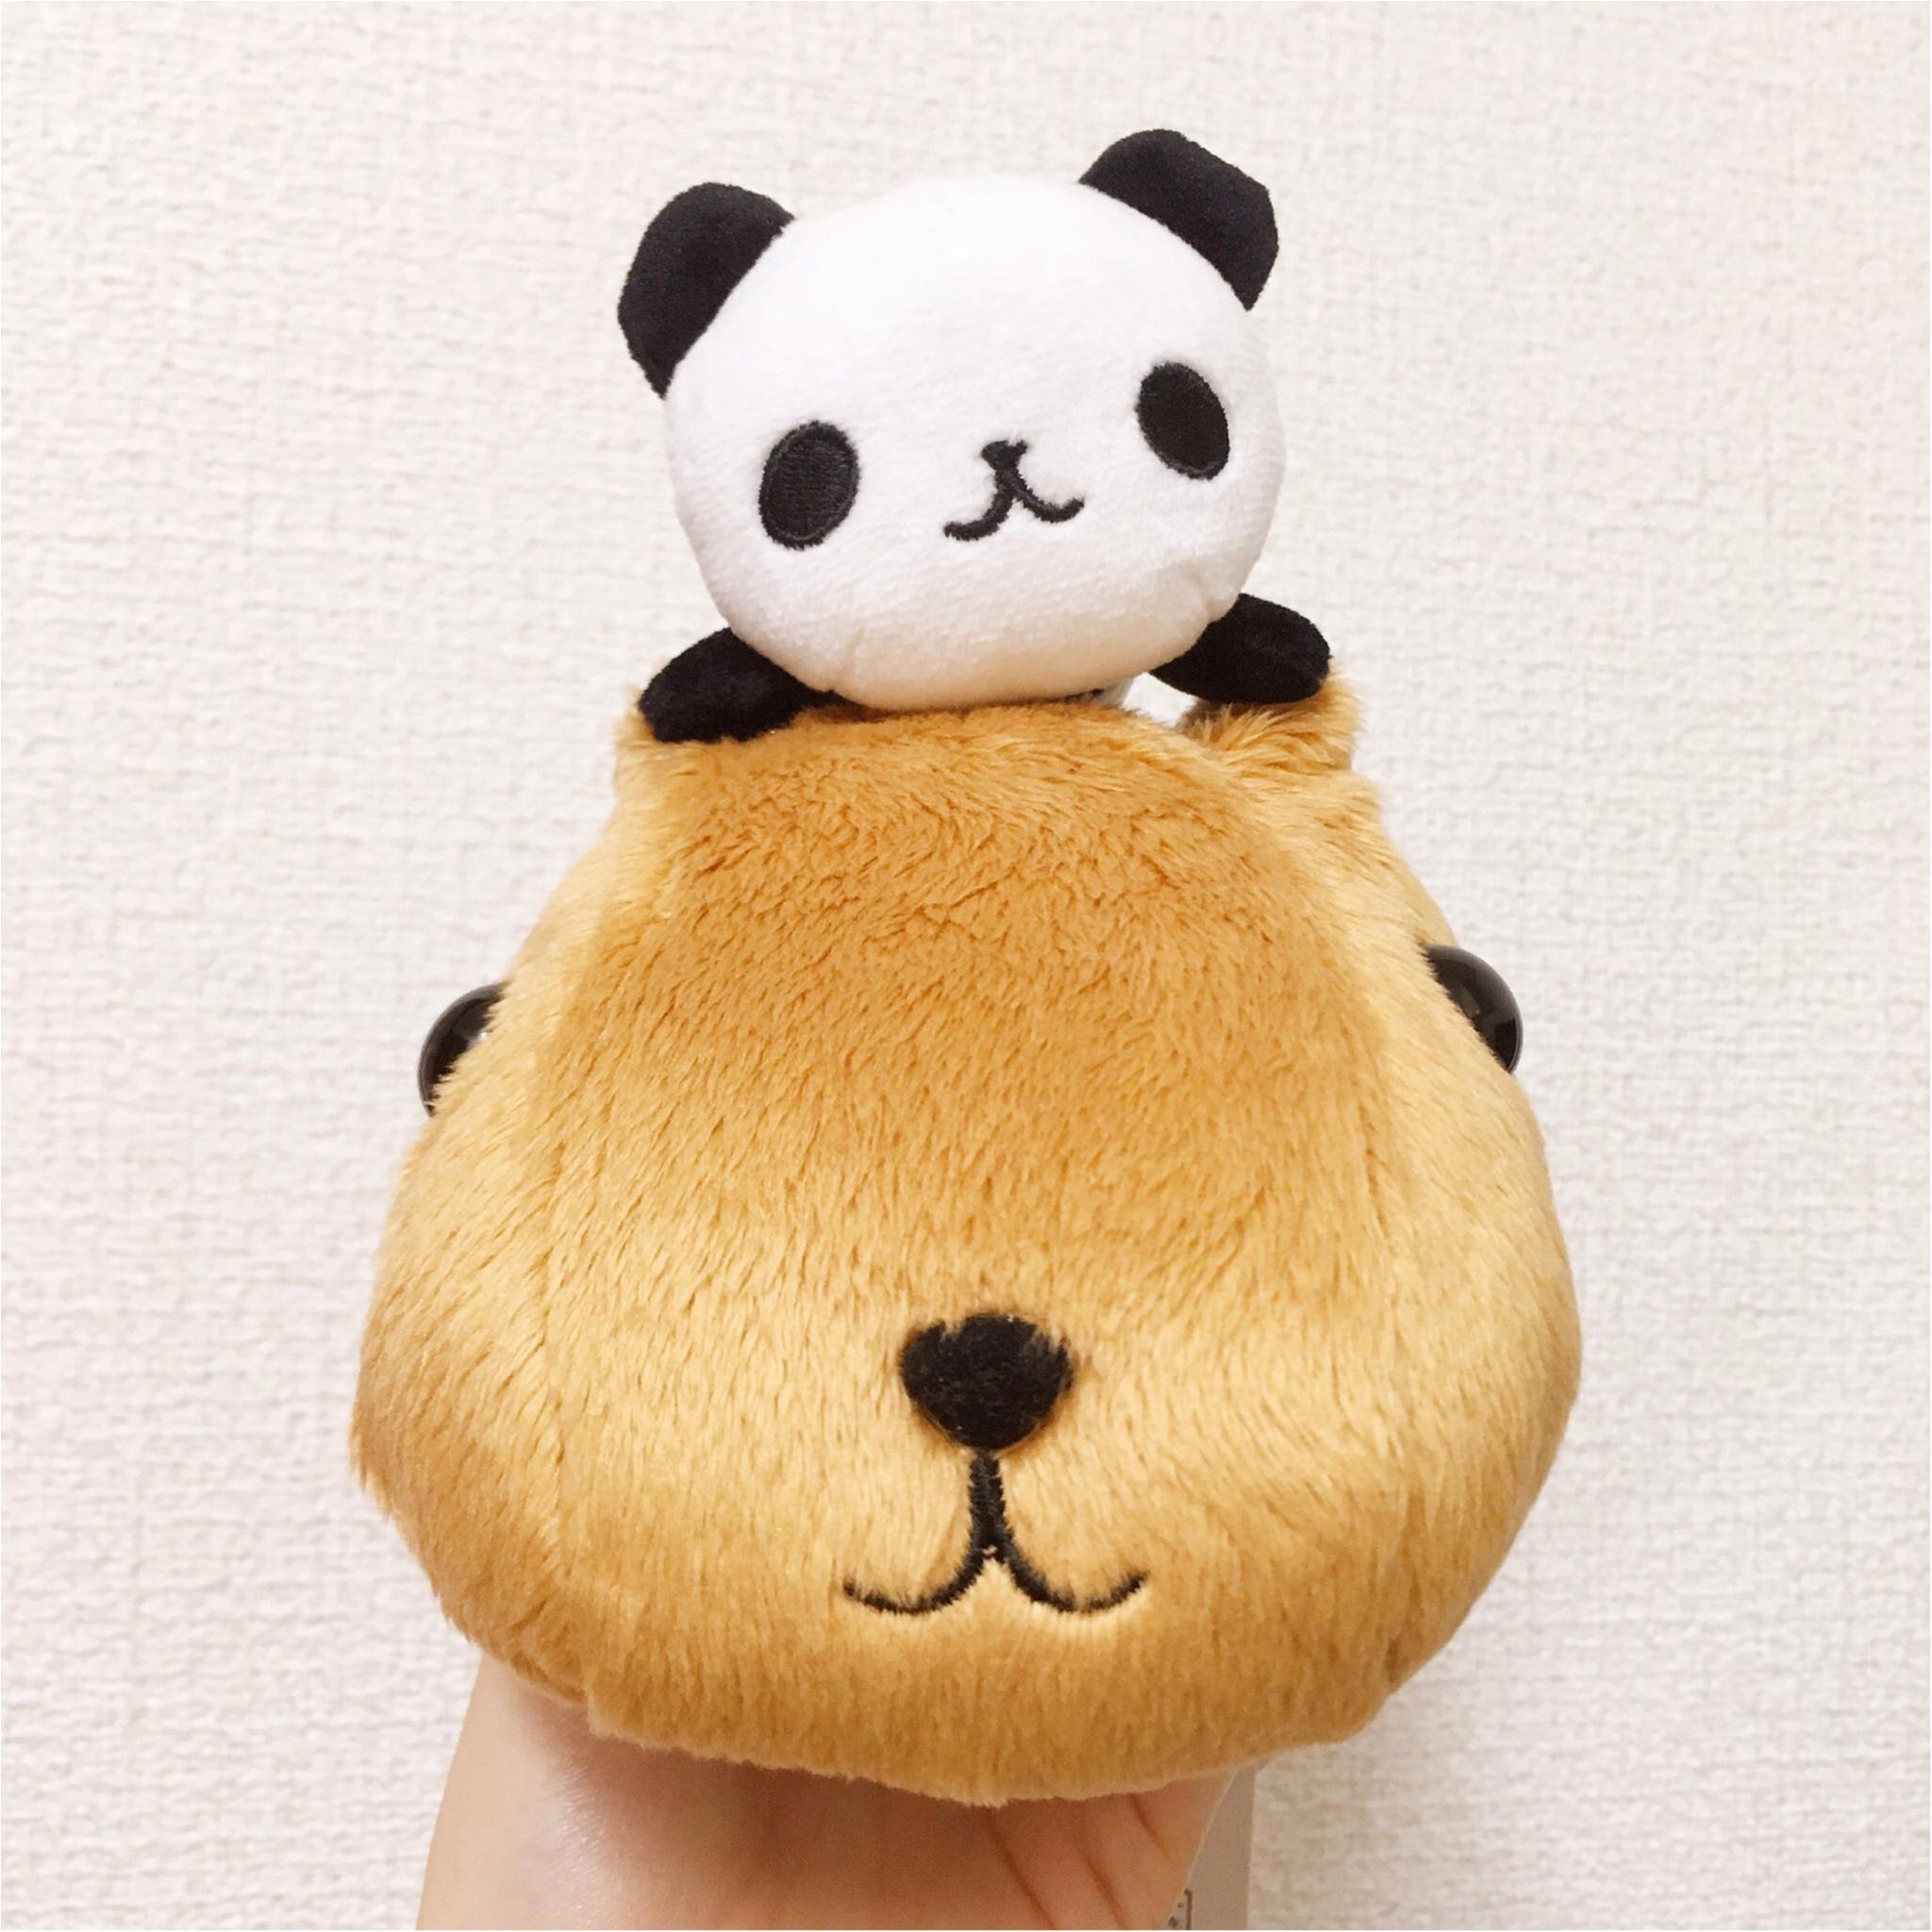 【カピバラさん】と【パンダ】がコラボ♪限定グッズを見逃すな♡_1